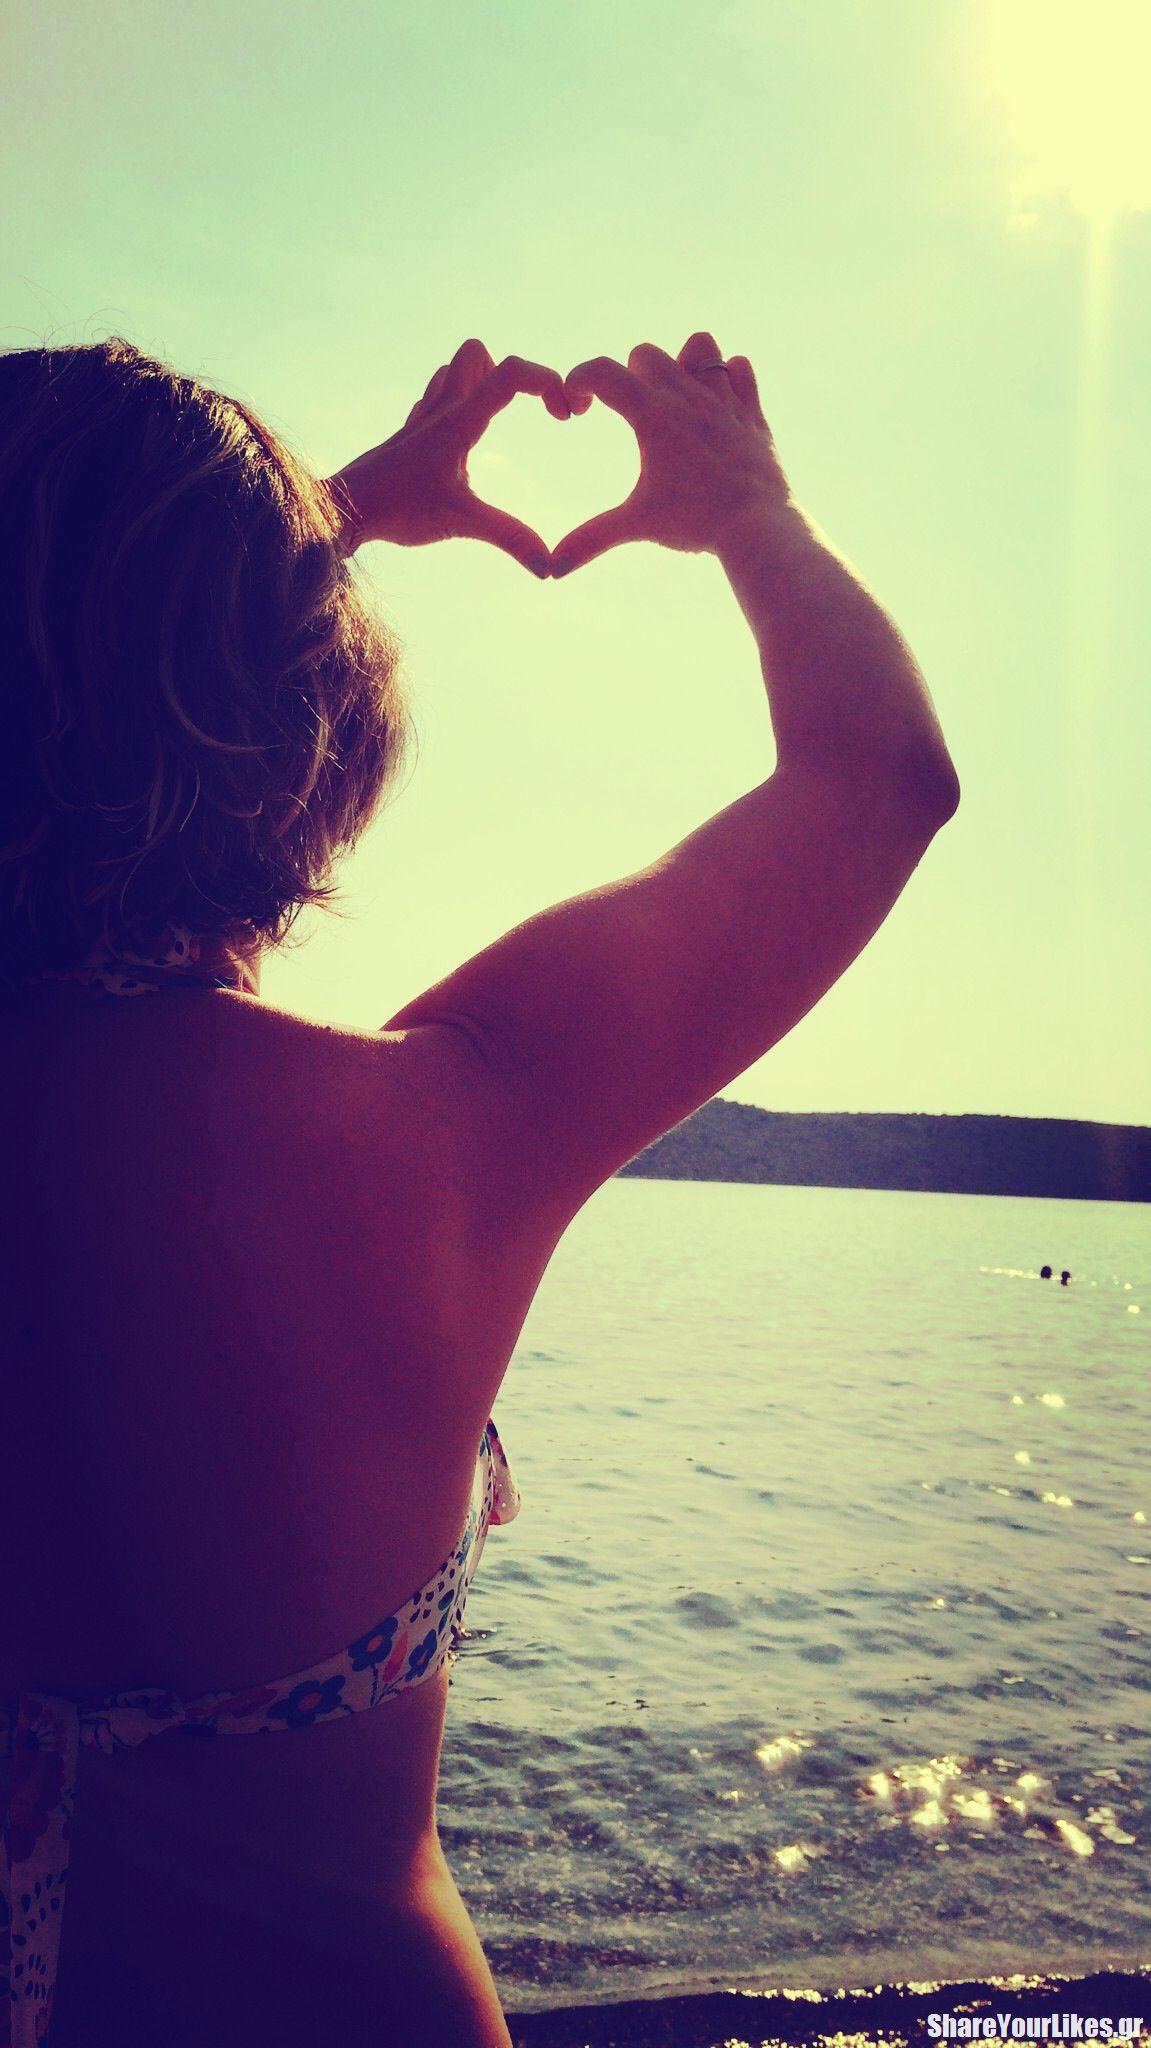 heart_sea_sun